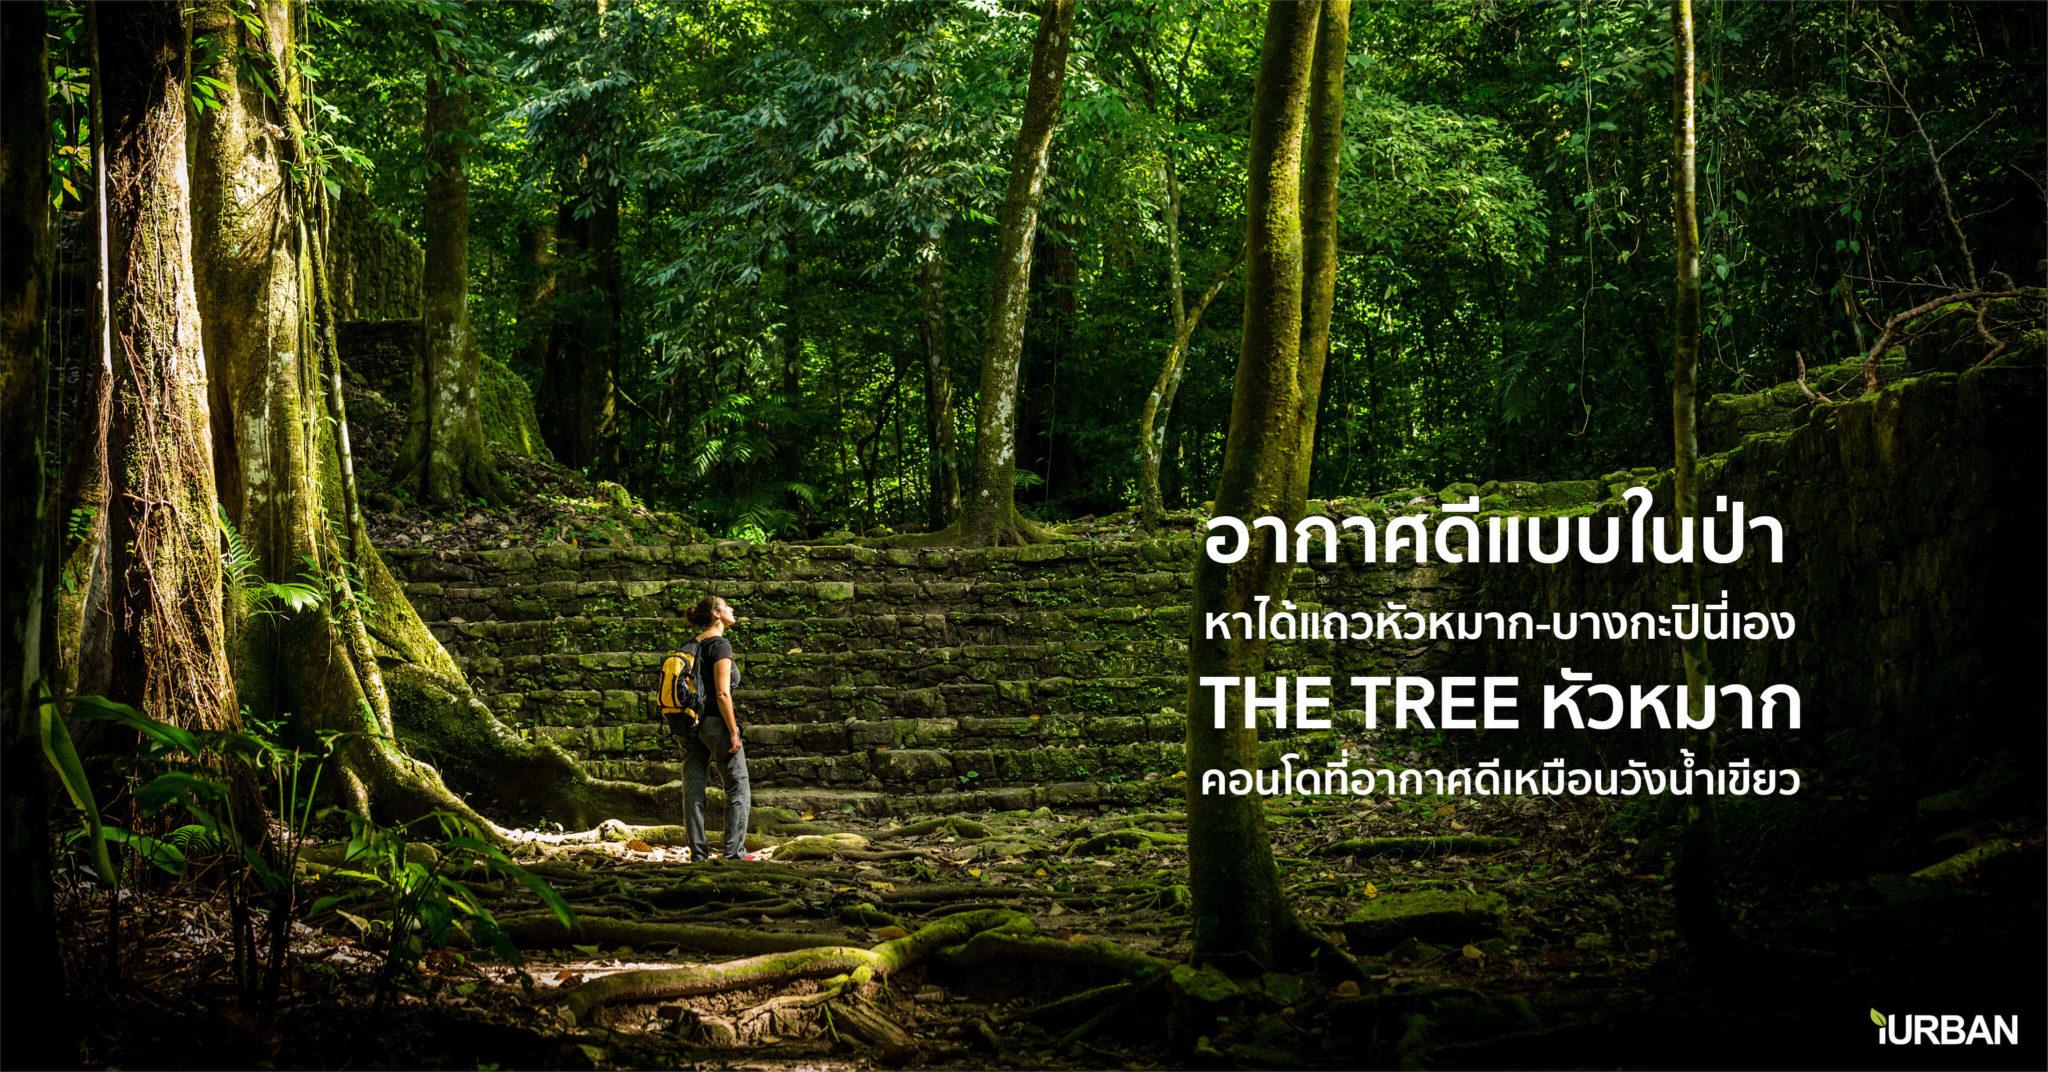 """ไม่ต้องรอพักร้อนเพื่อชาร์จพลัง ที่คอนโด """"THE TREE หัวหมาก"""" มีอากาศดีระดับวังน้ำเขียวทุกวัน 13 - Premium"""